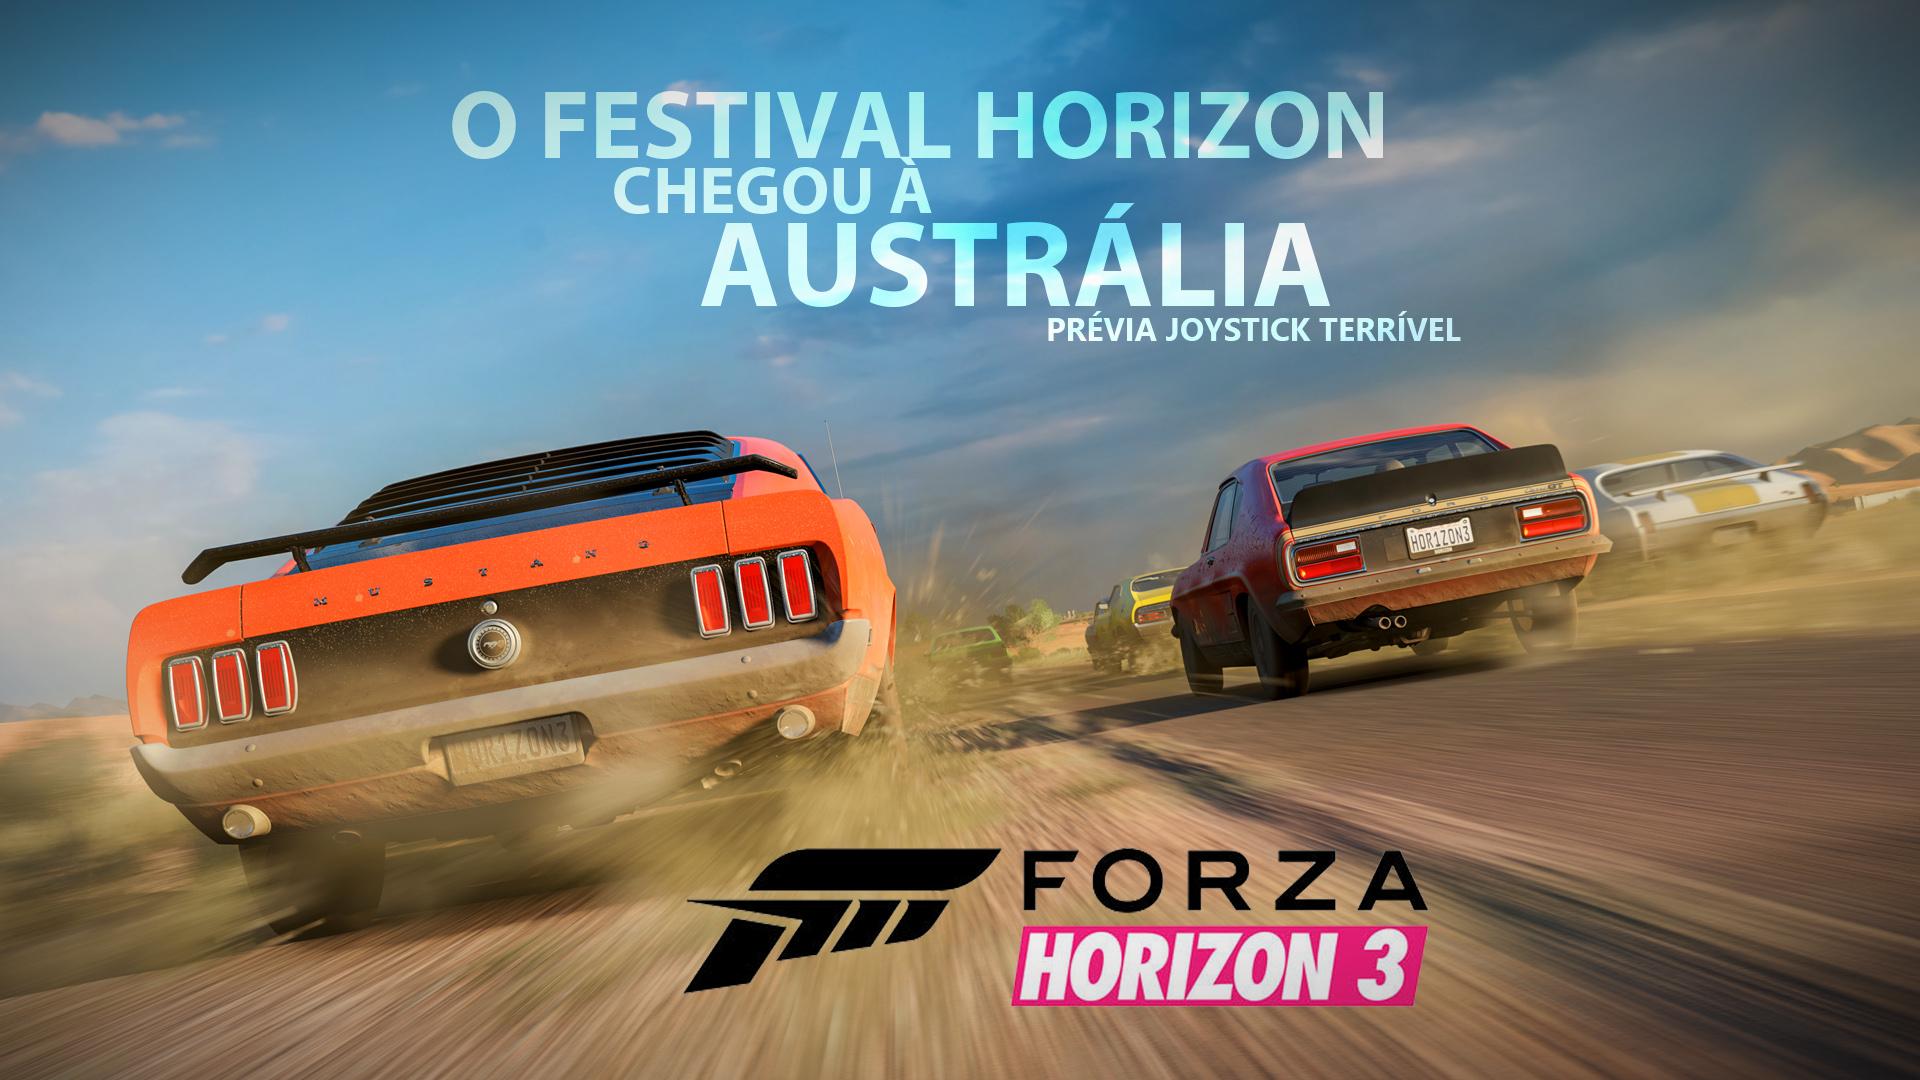 ARTE - Previa Forza Horizon SITE - Copia